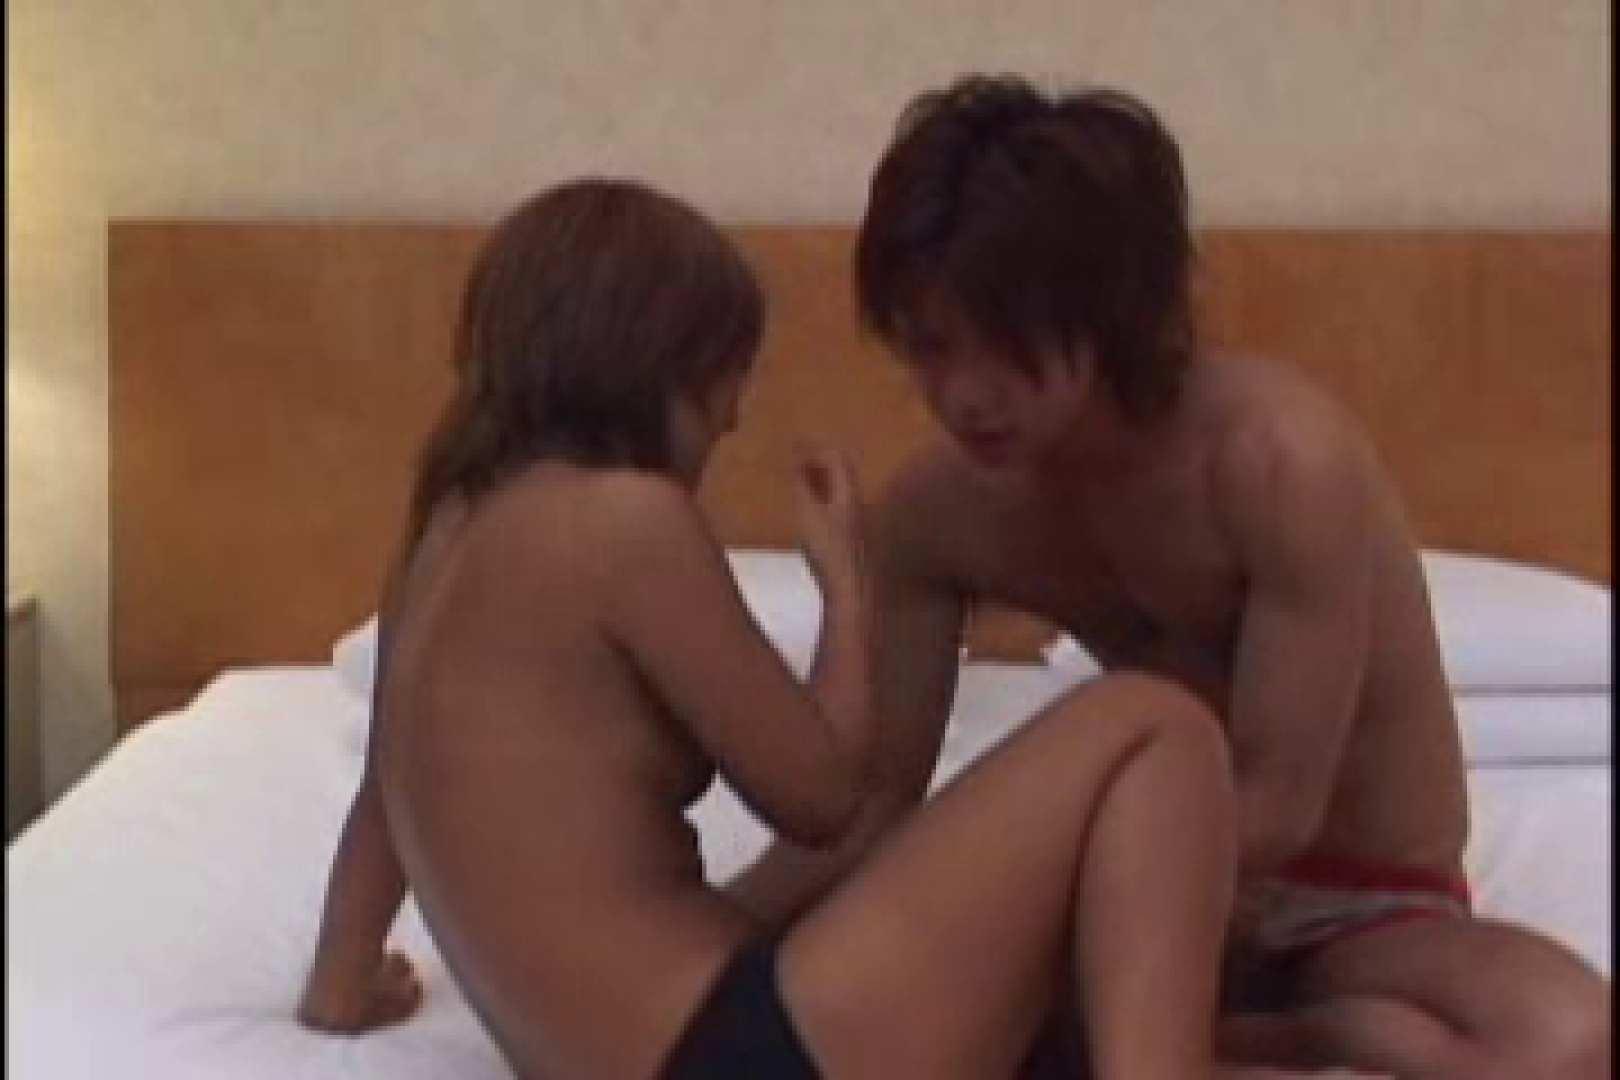 BEST OF イケメン!!男目線のガチSEX vol.02(対女性作品) 対女性 ゲイセックス画像 77pic 47